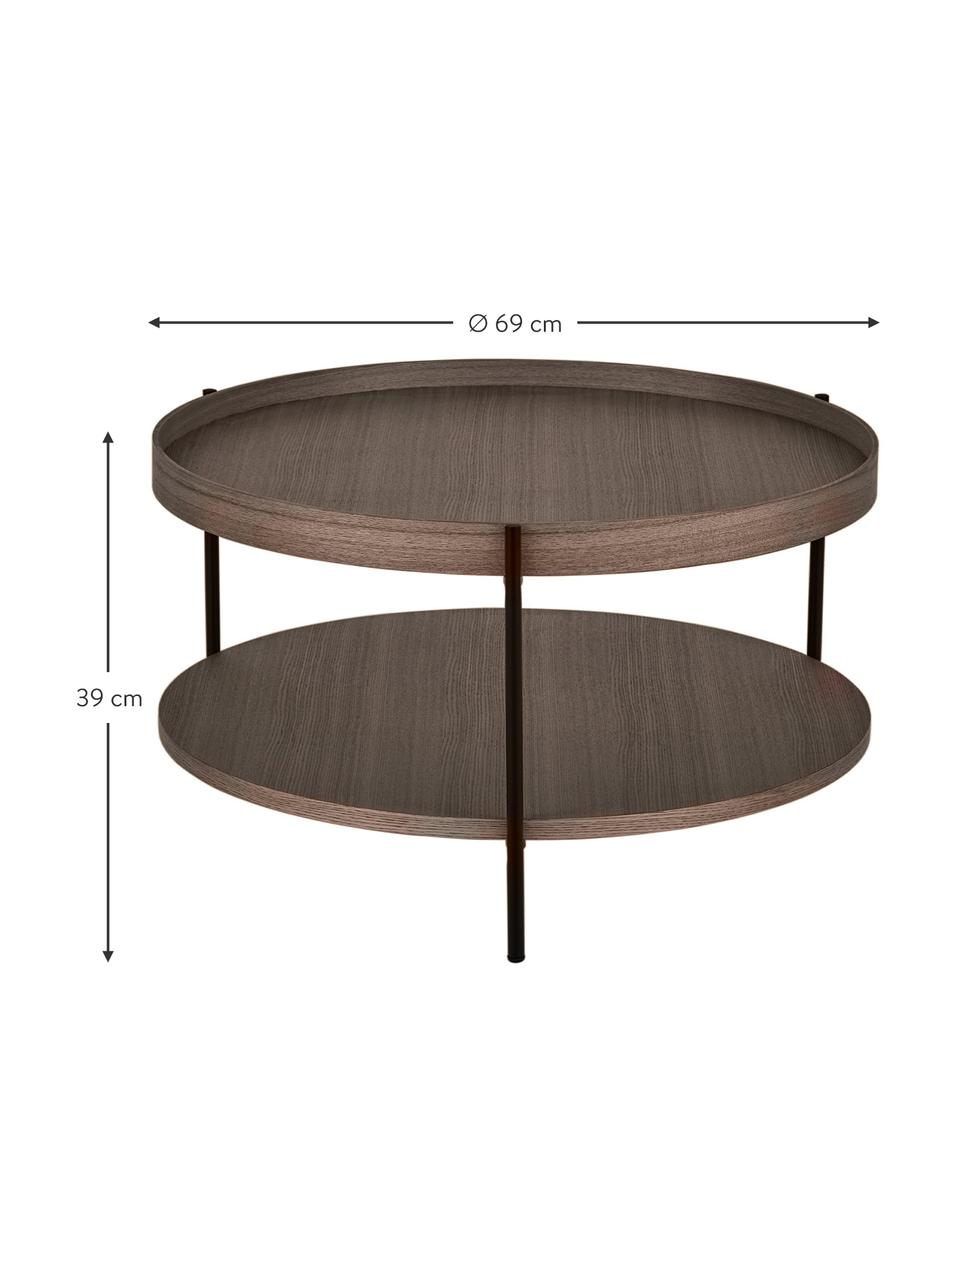 Stolik kawowy z z drewna Renee, Stelaż: metal malowany proszkowo, Drewno orzechowe, Ø 69 x W 39 cm